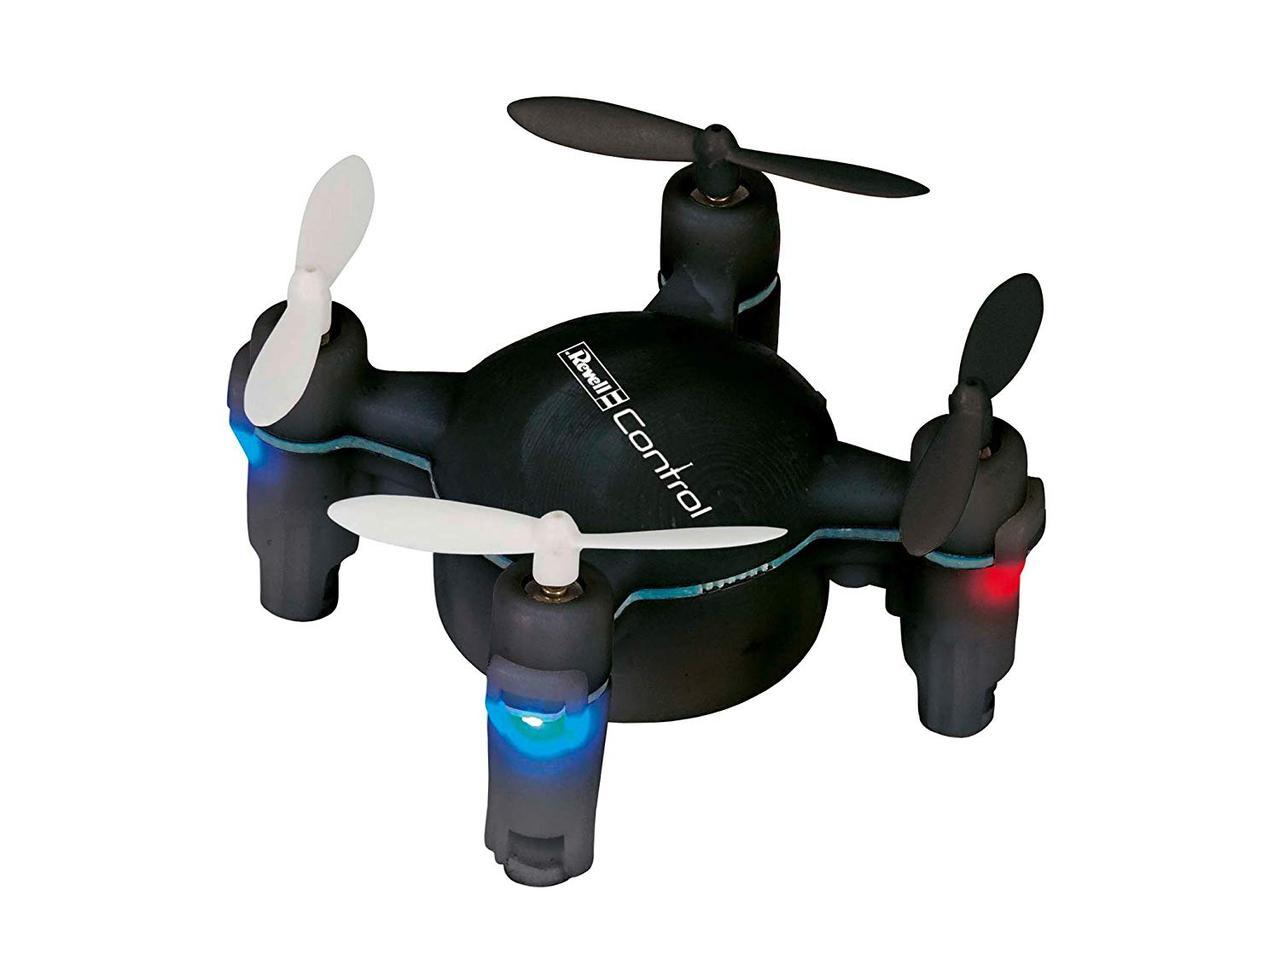 Квадрокоптер для початківців з пультом дистанційного керування Revell Control RC